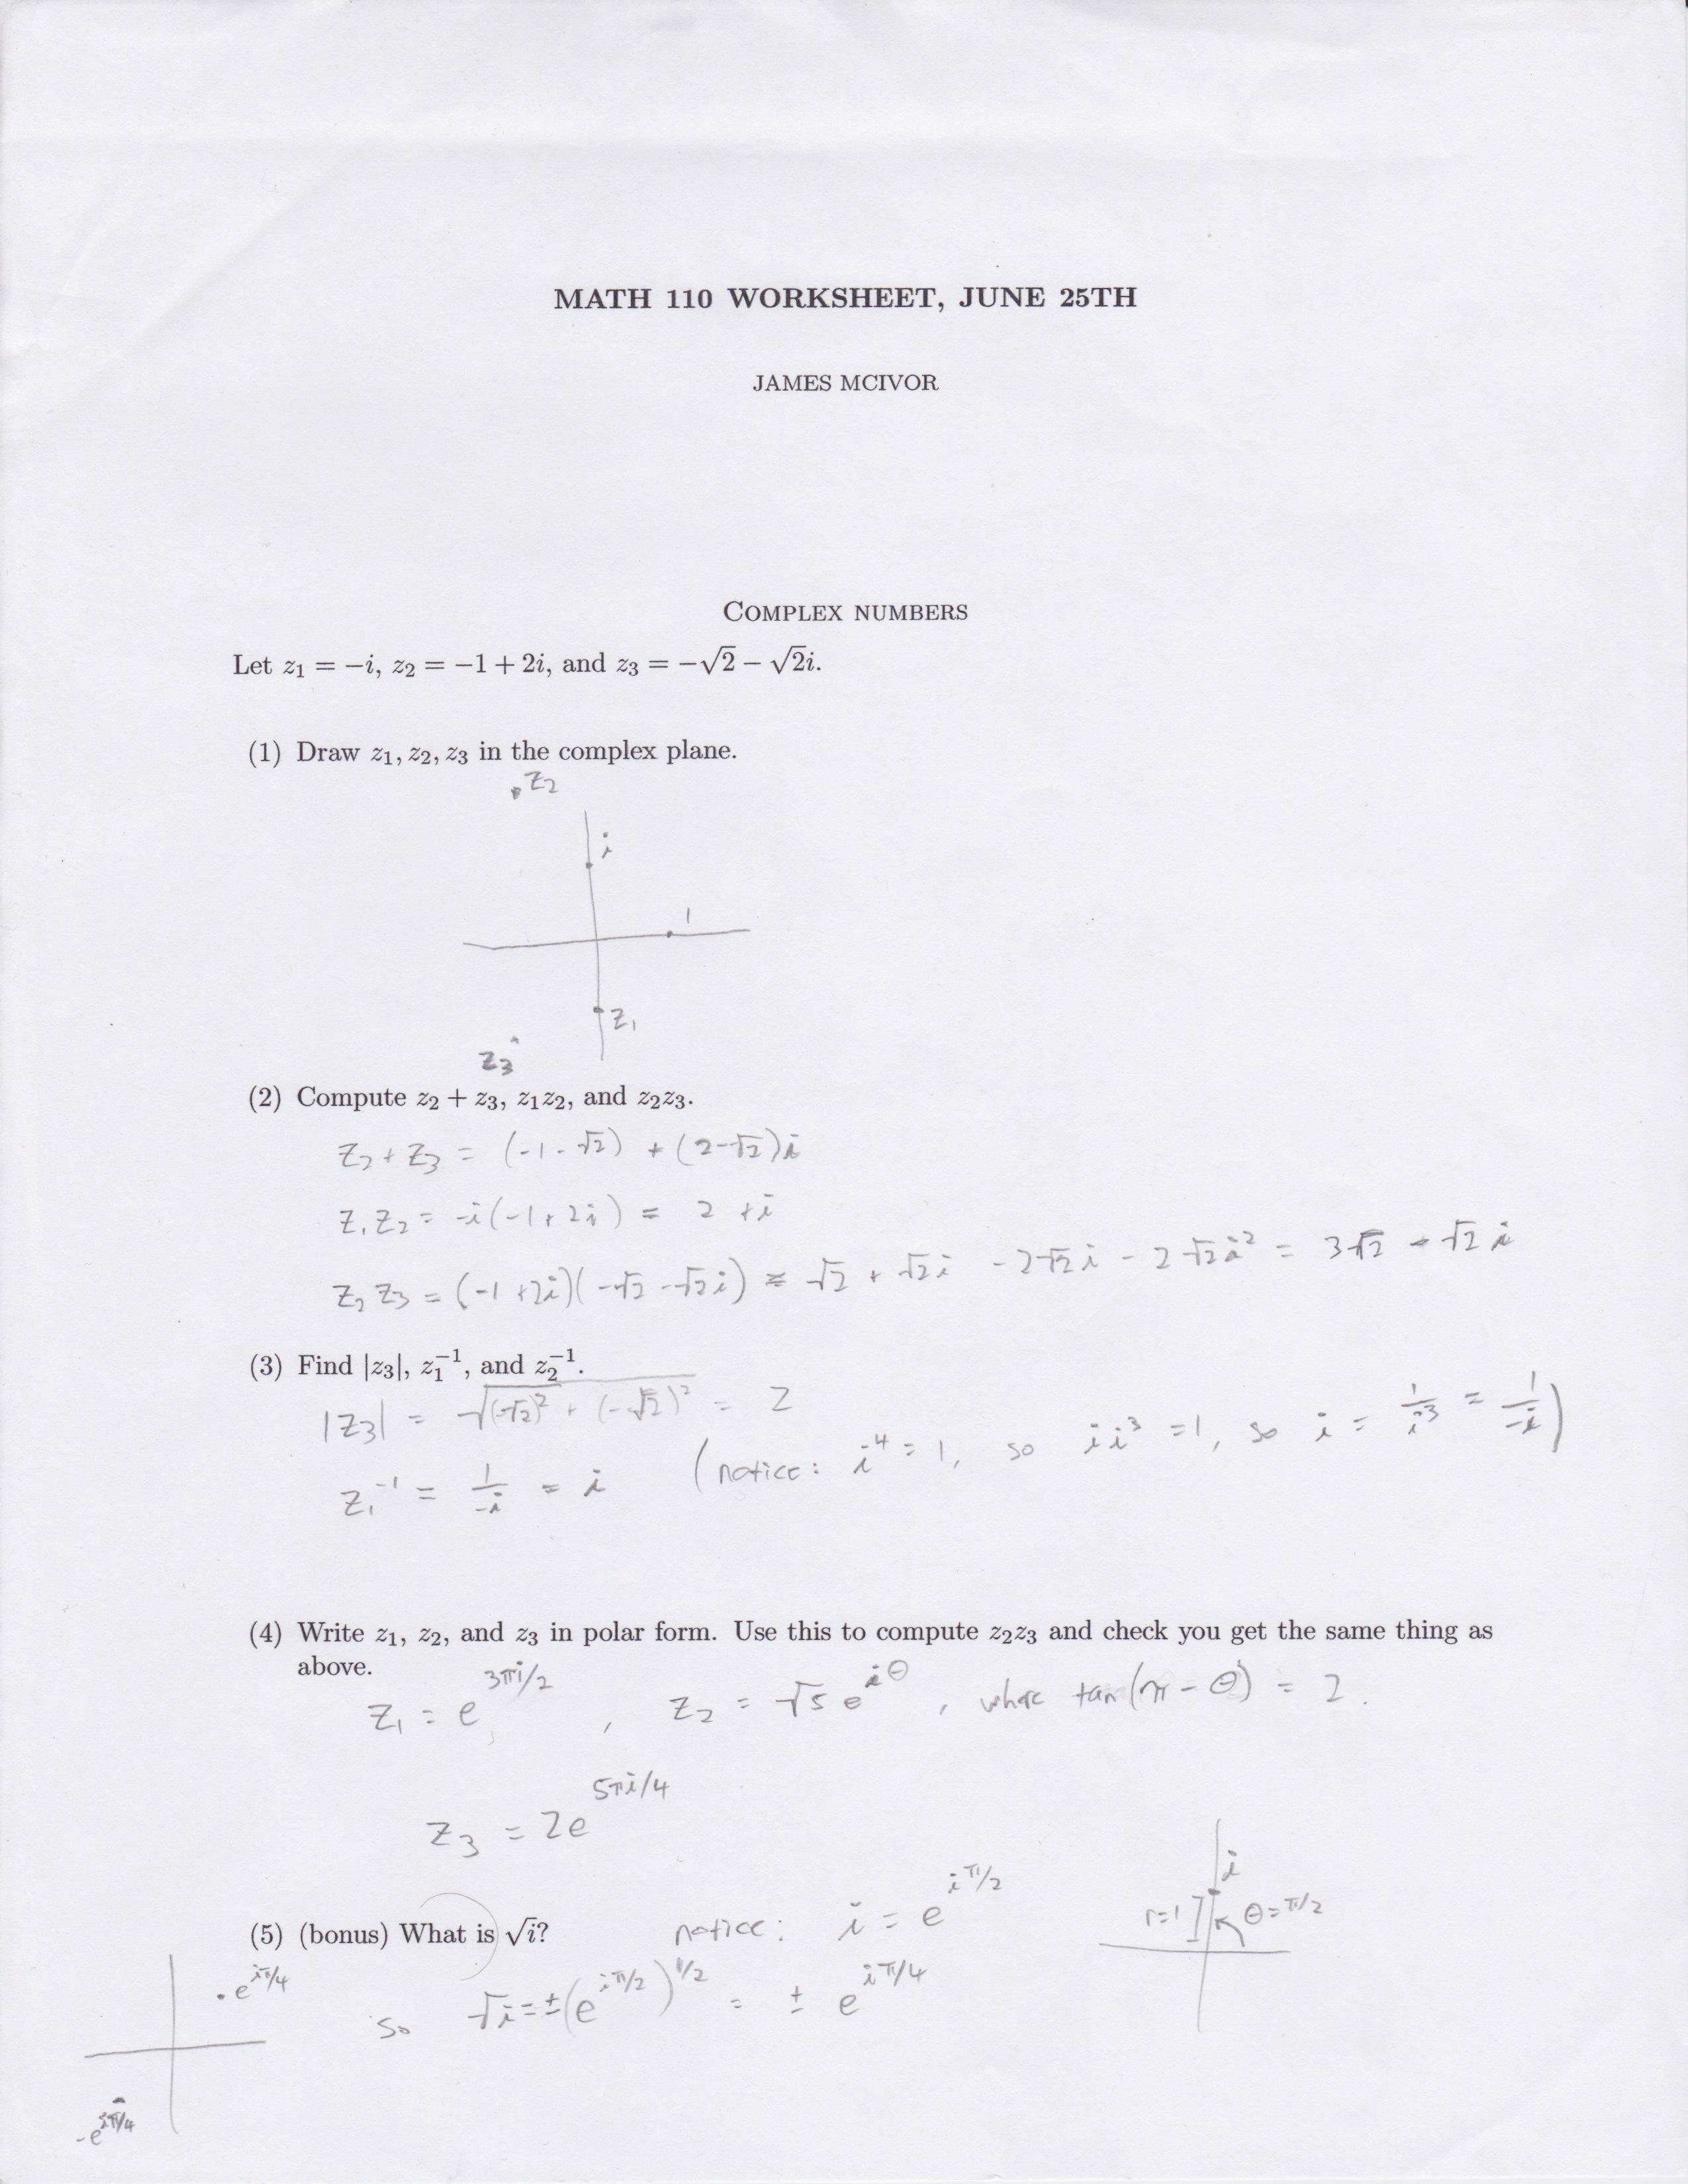 Algebraic Proofs Worksheet Worksheet – Algebraic Proofs Worksheet with Answers